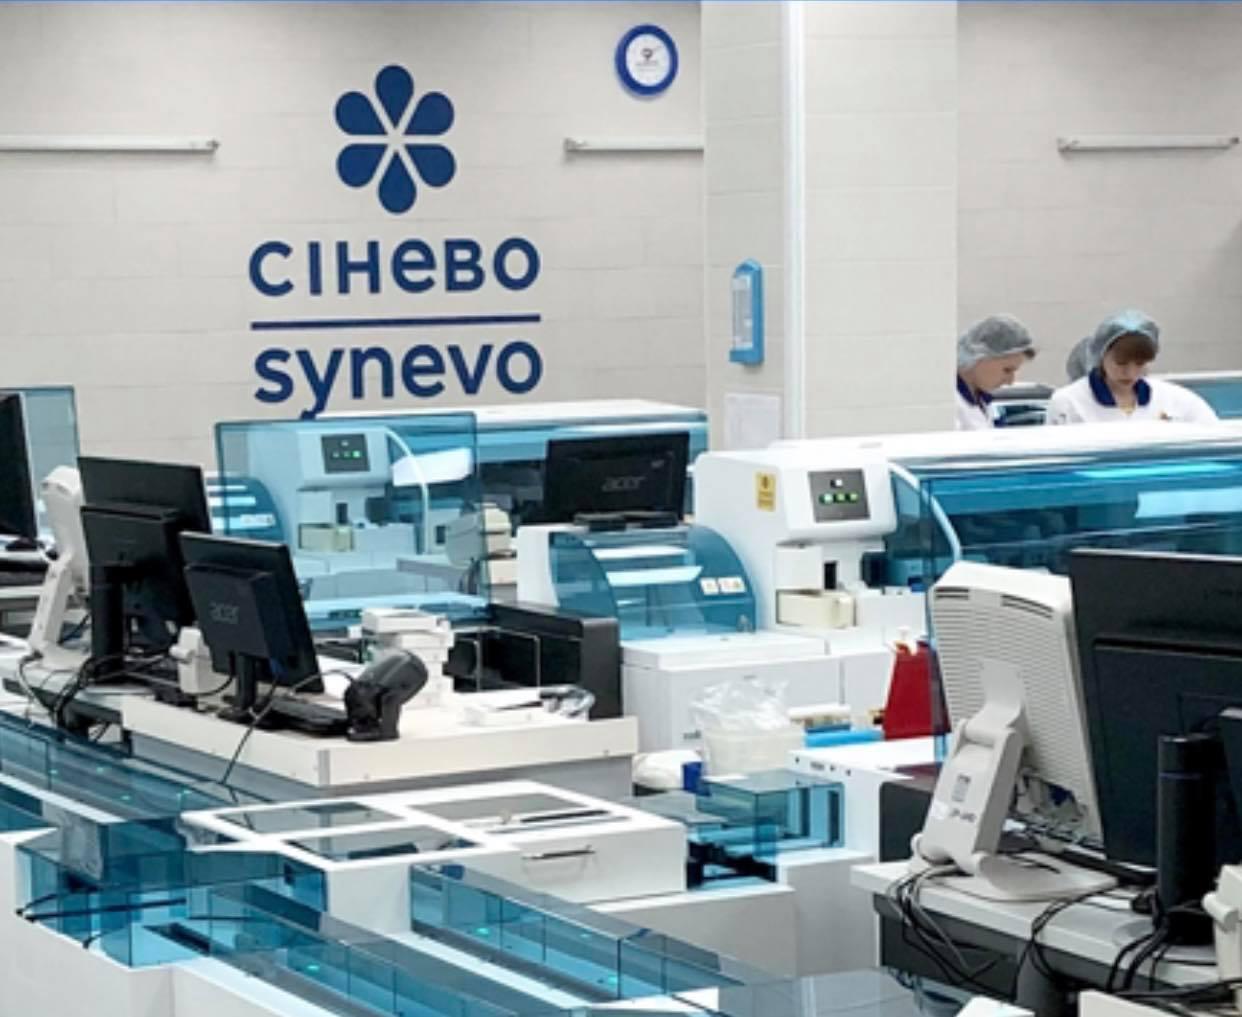 """Лабораторія """"Сінево"""" інвестувала 500 тис. євро у запуск нової лабораторії в Херсоні"""